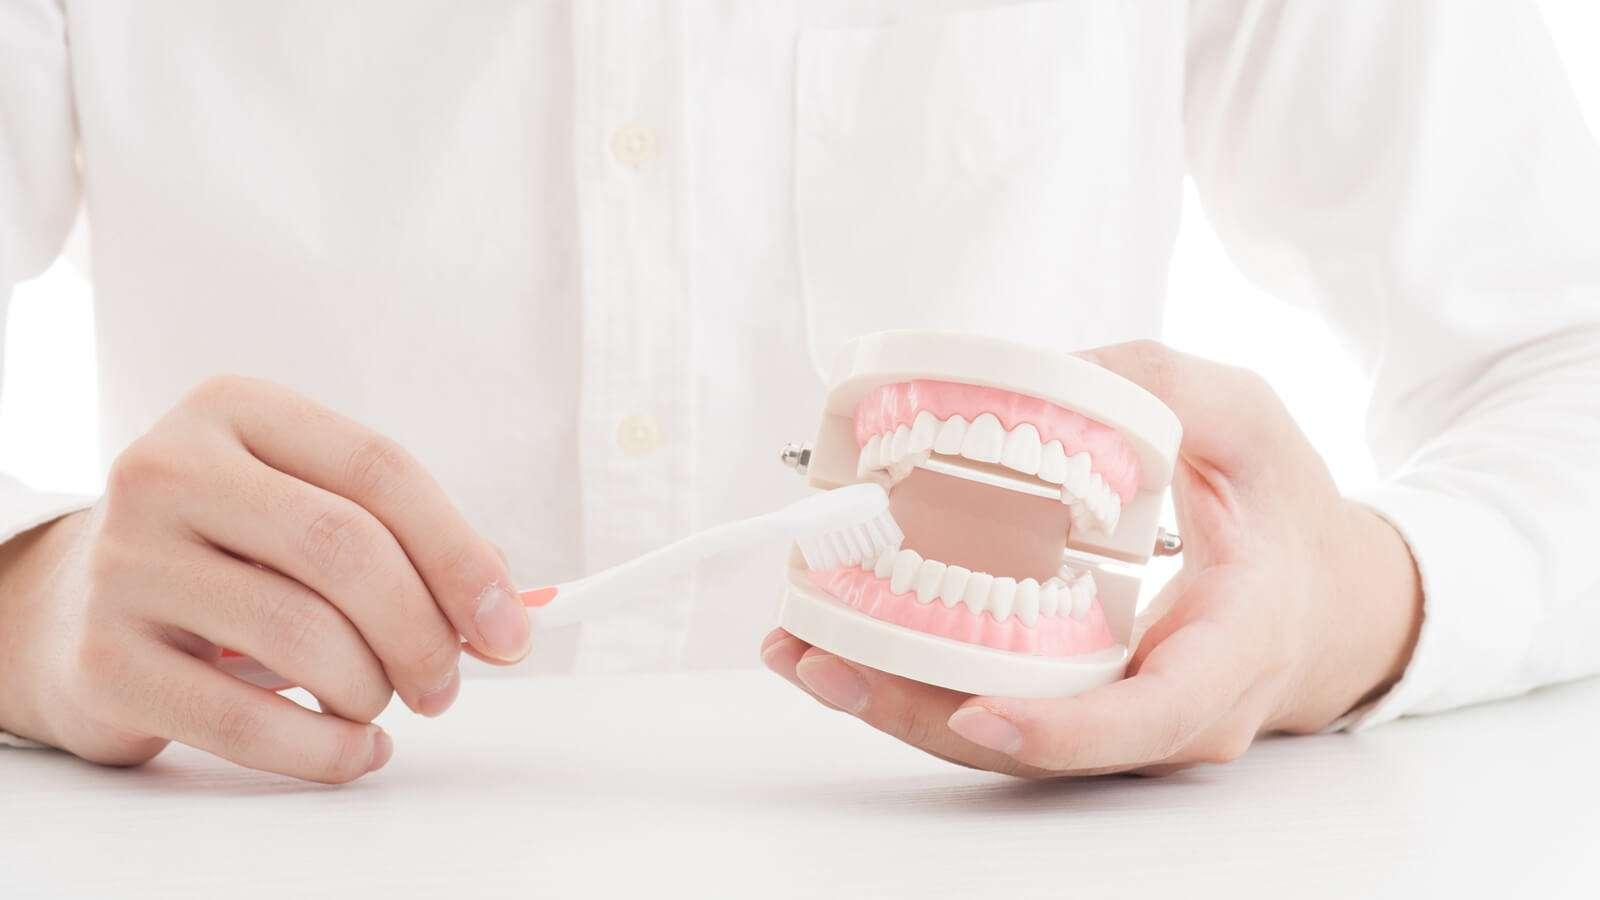 「歯周病」と「認知症」の切っても切れない関係   健康   東洋経済オンライン   経済ニュースの新基準